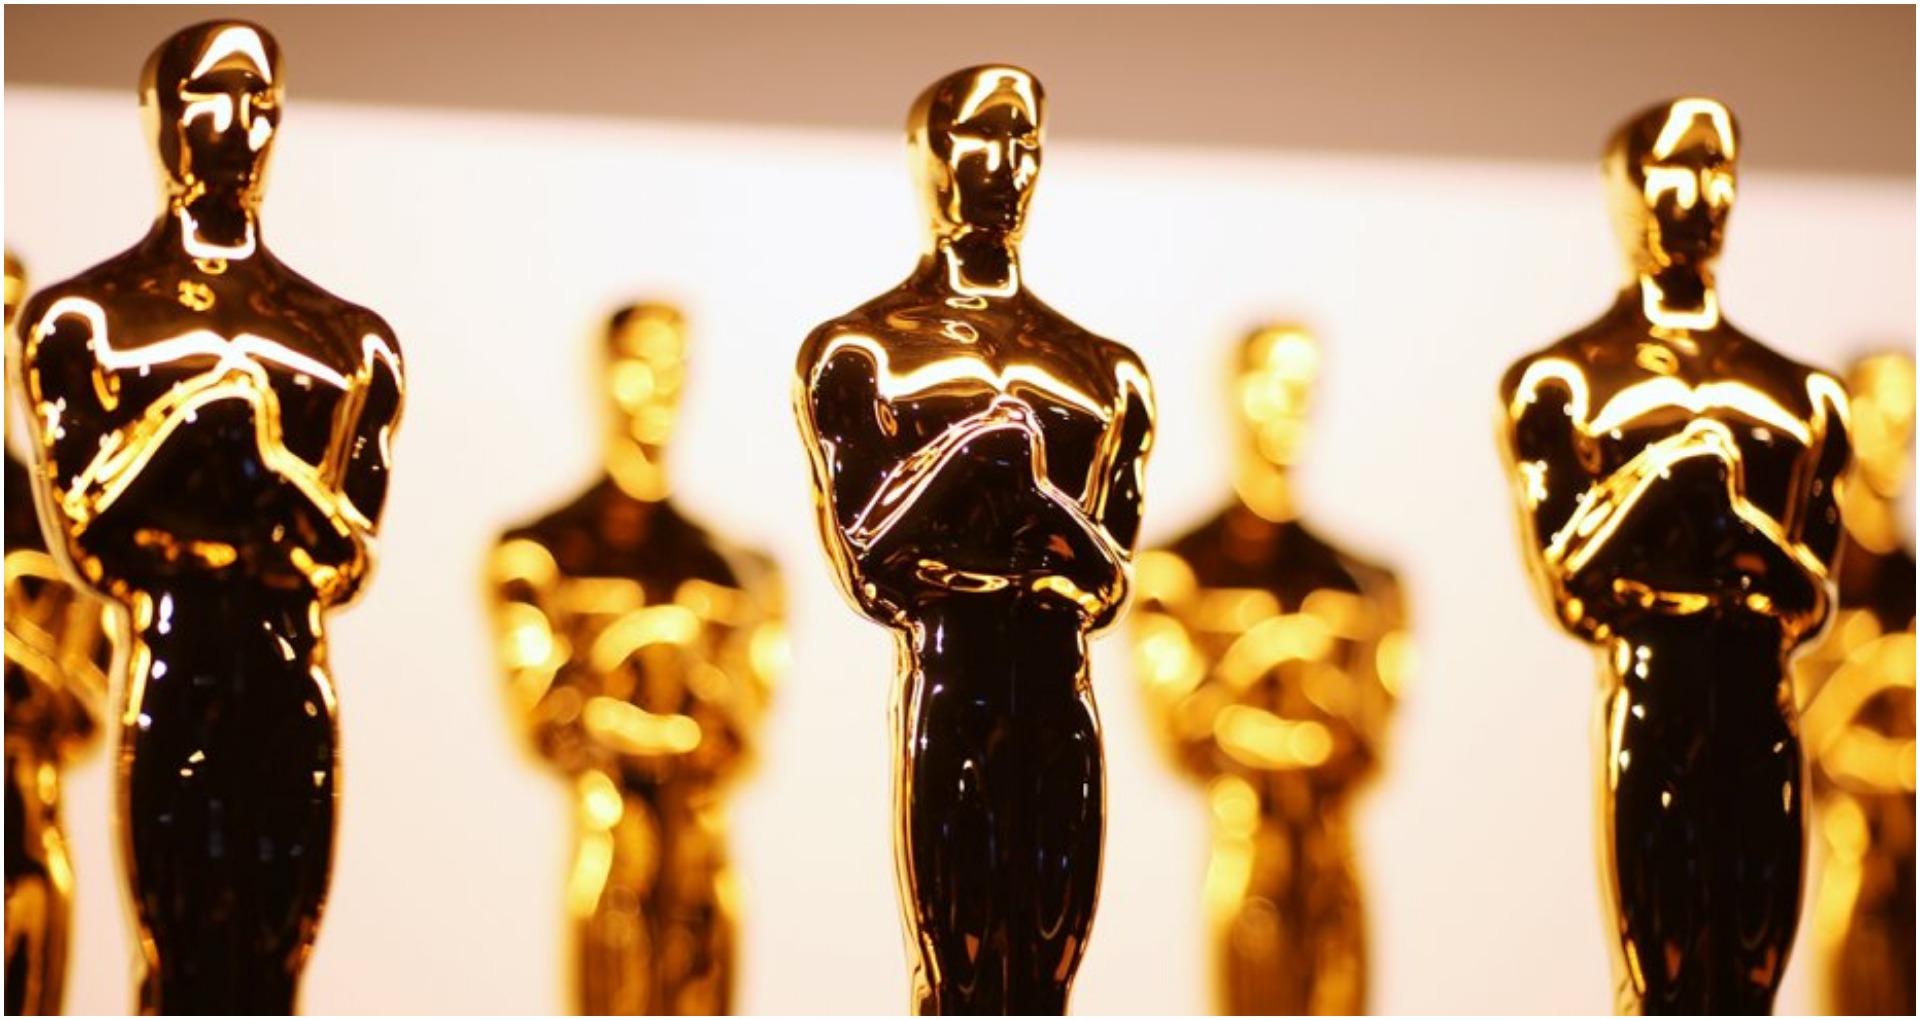 Oscar Awards 2020: ऑस्कर अवॉर्ड्स में जाना चाहते हो, करना पड़ सकता है इतना खर्च? पढ़े रिपोर्ट